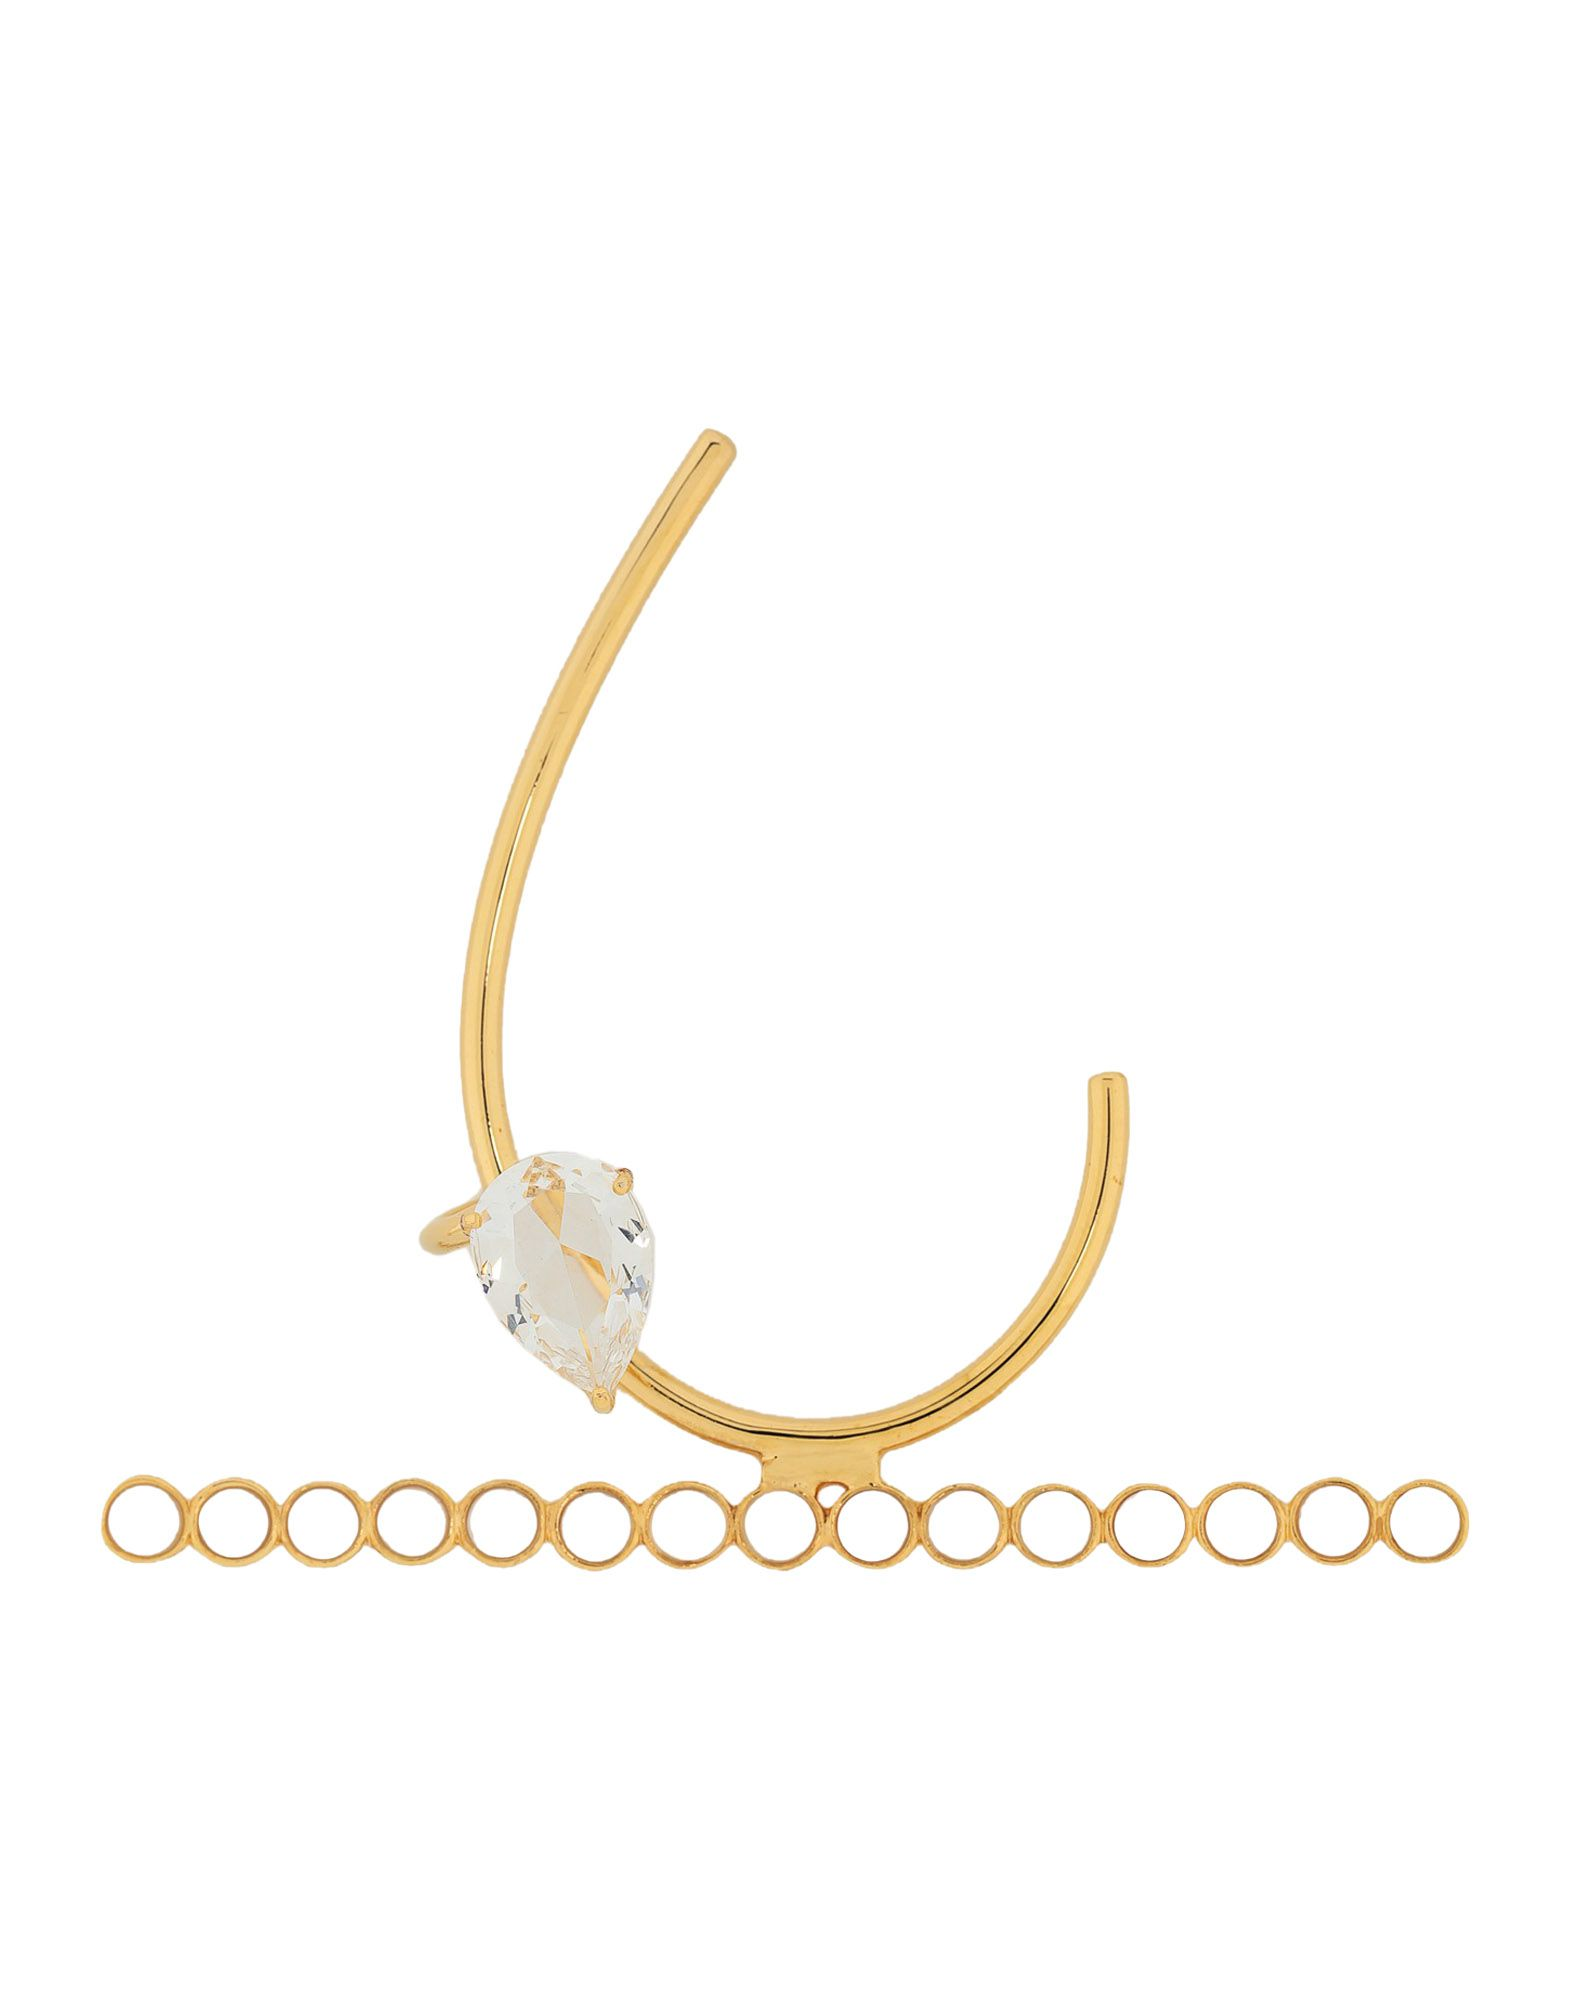 《期間限定 セール開催中》EK THONGPRASERT レディース ピアス&イヤリング ゴールド 真鍮/ブラス / スワロフスキー / ガラス Brass Ear Cuff With Semi Precious Stones & Glass